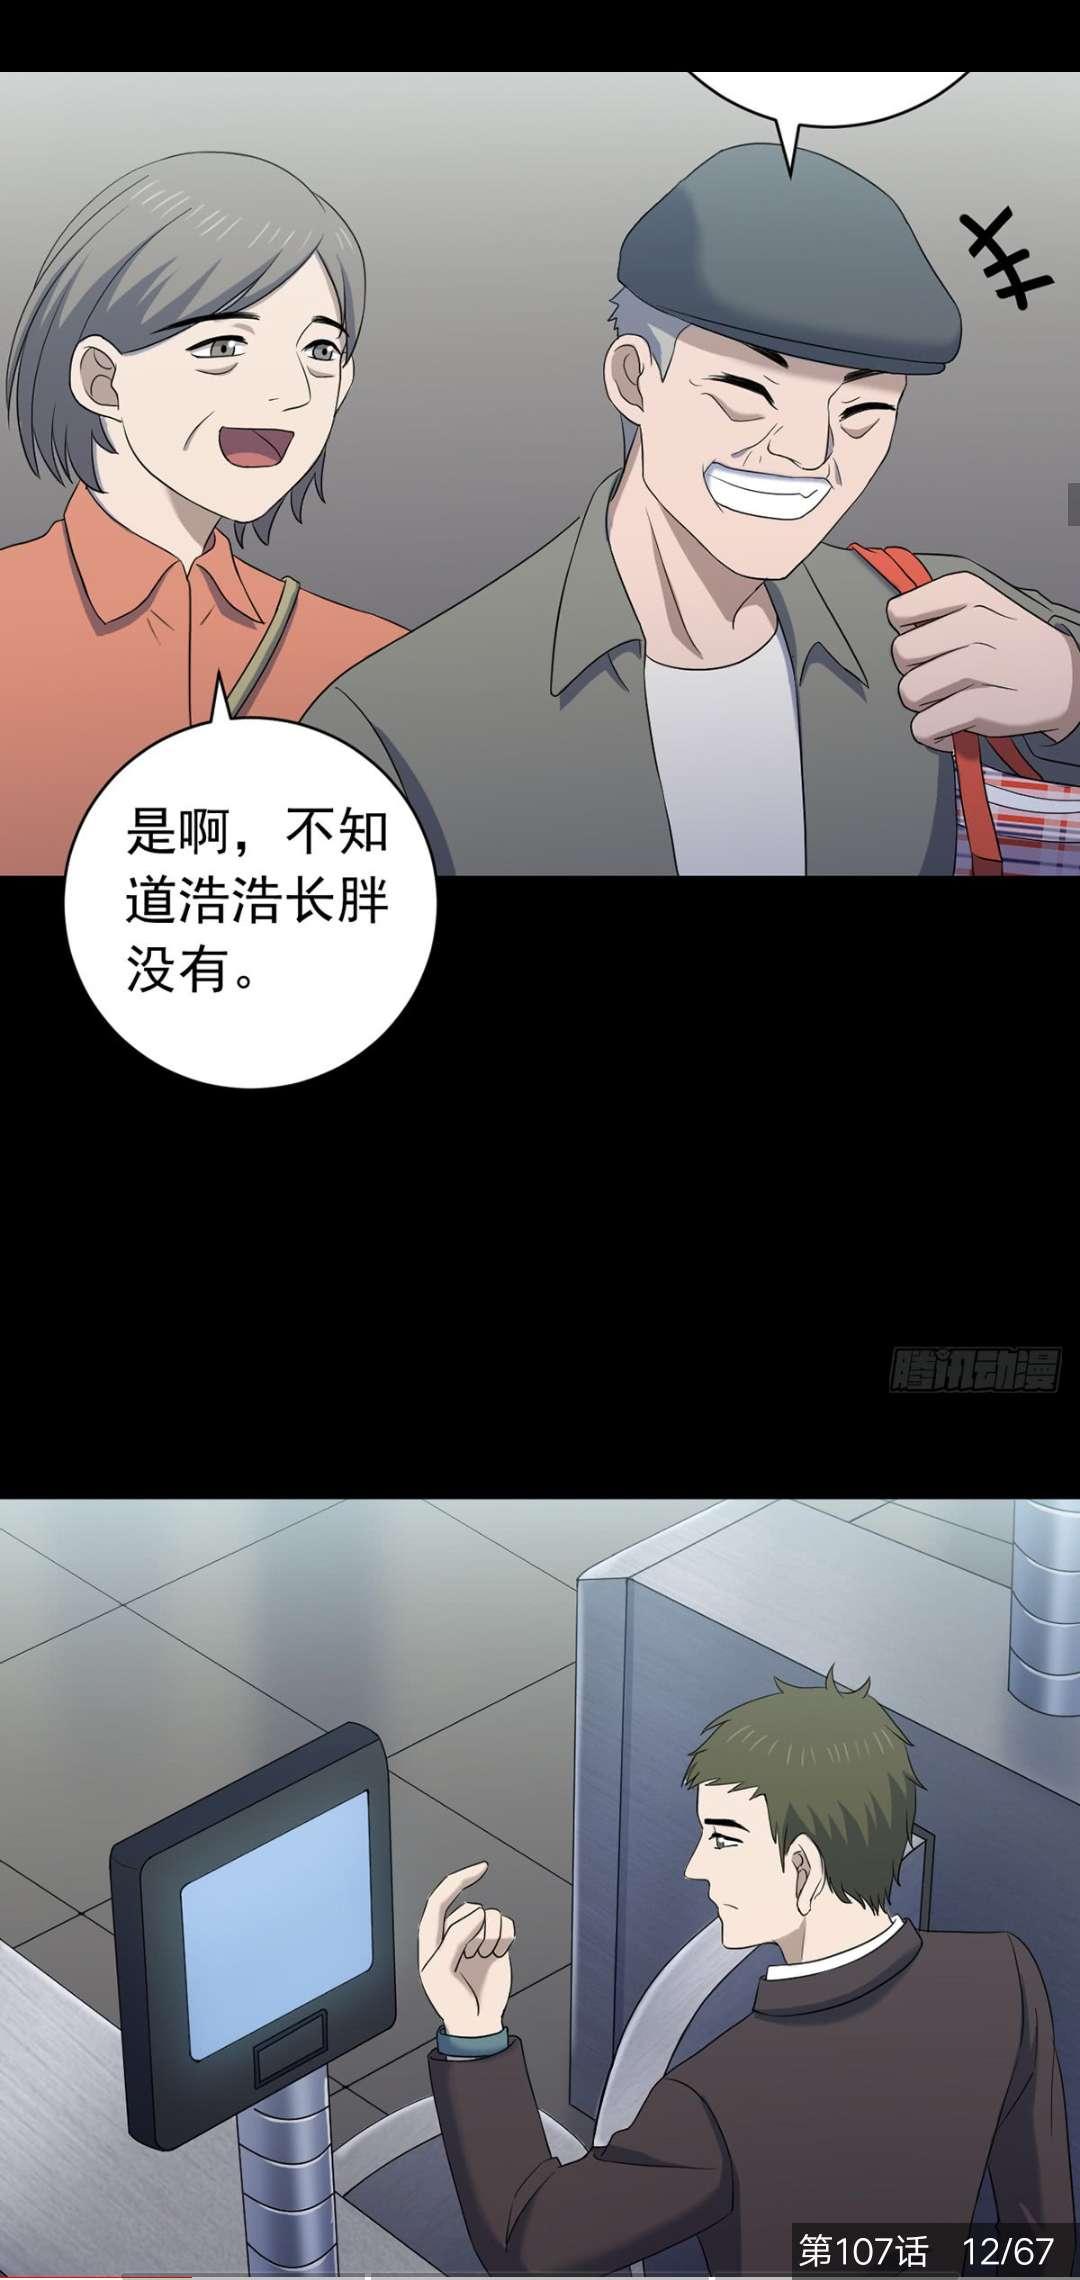 【漫画更新】密集熔炉